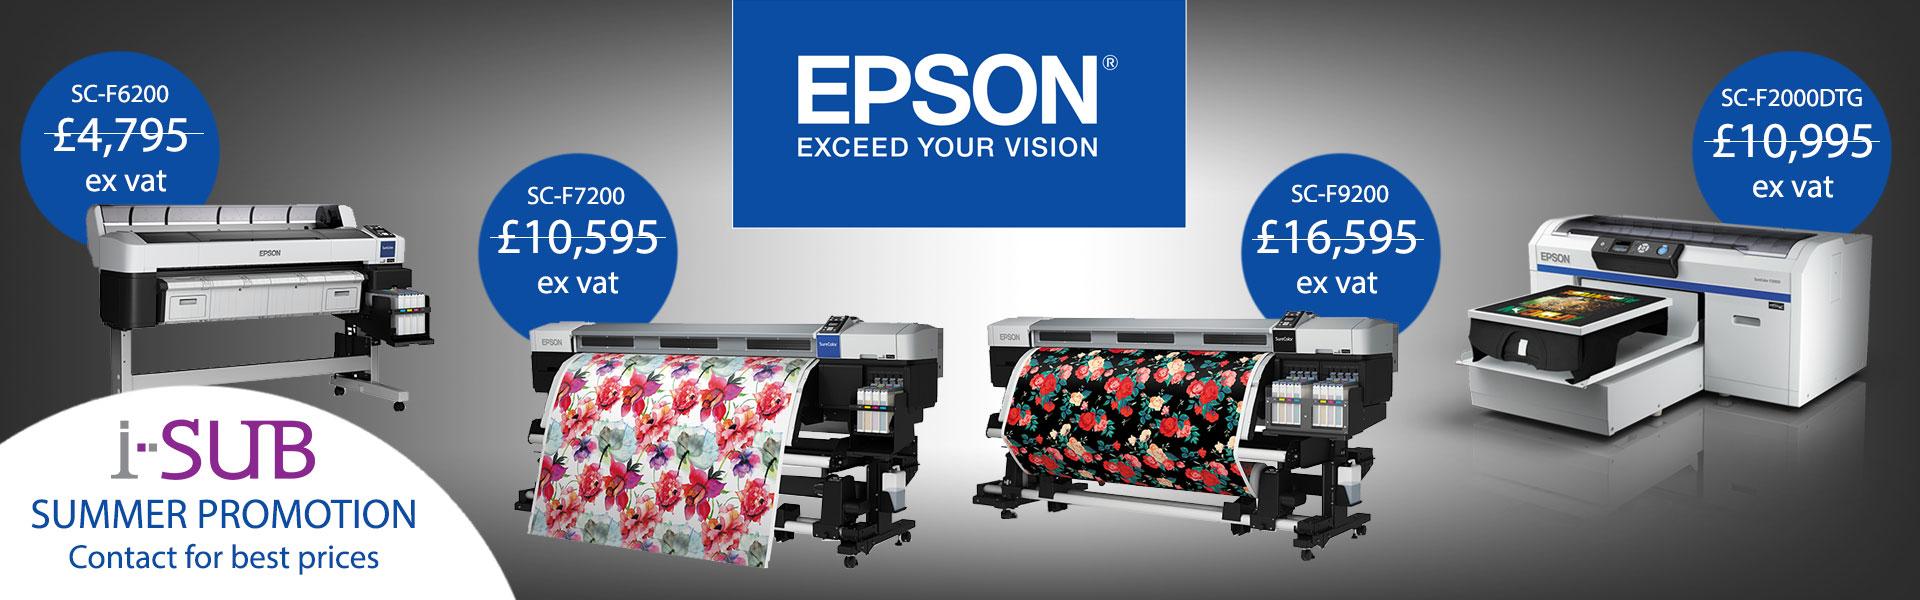 epson-slide-2017